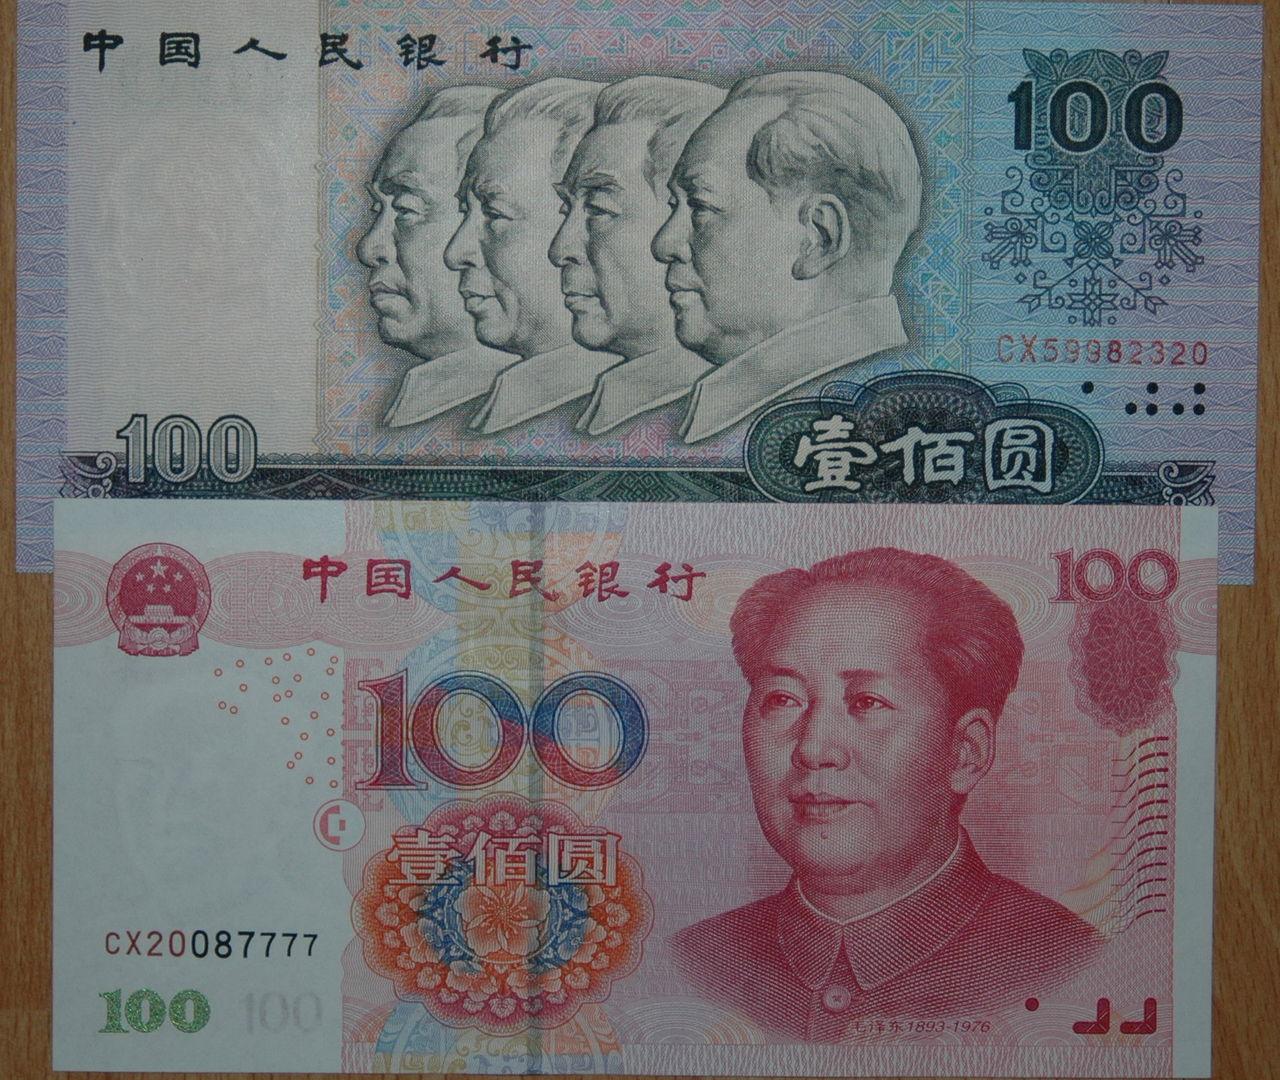 一百元人民币图片_会不会有重复编号的100元人民币_百度知道